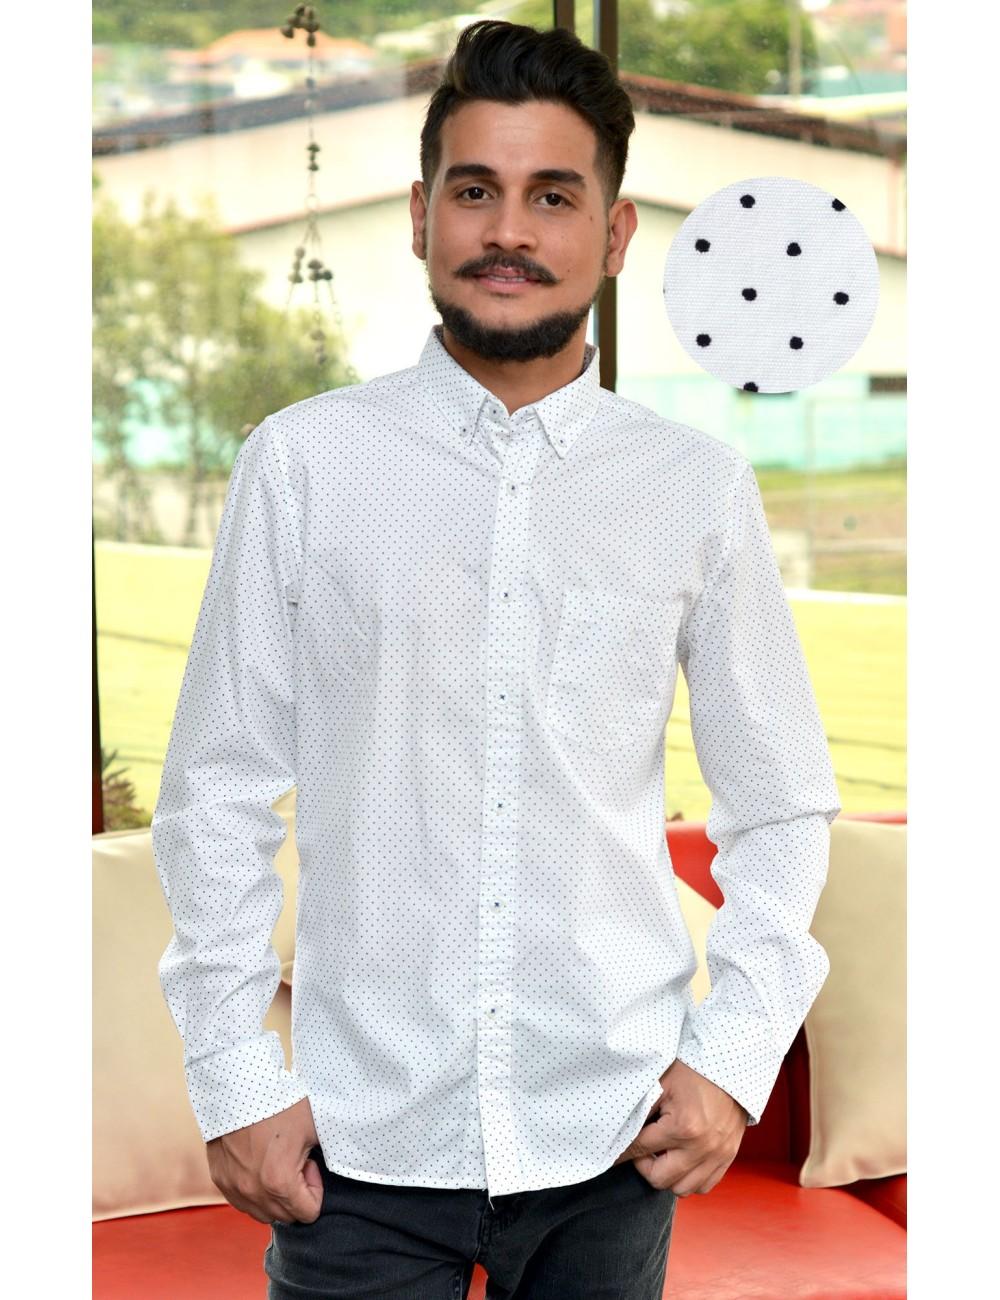 Camisa blanca manga larga con puntos negros